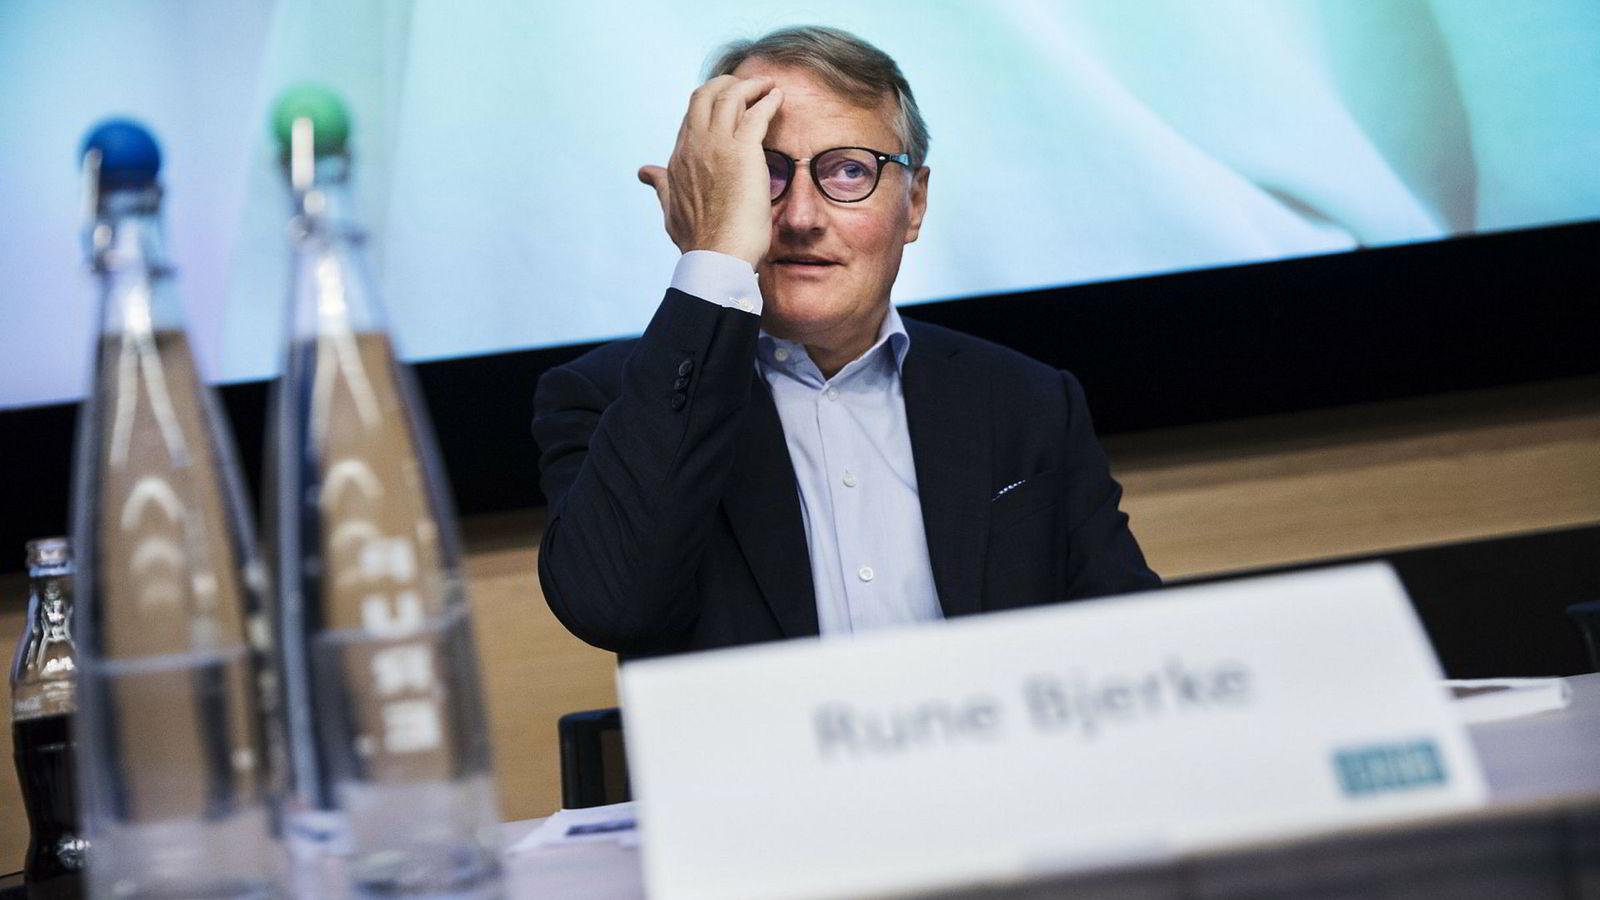 Konsernsjef Rune Bjerke i DNB har kuttet fondskostnader for kundene nå. Han skulle ha gjort det før.